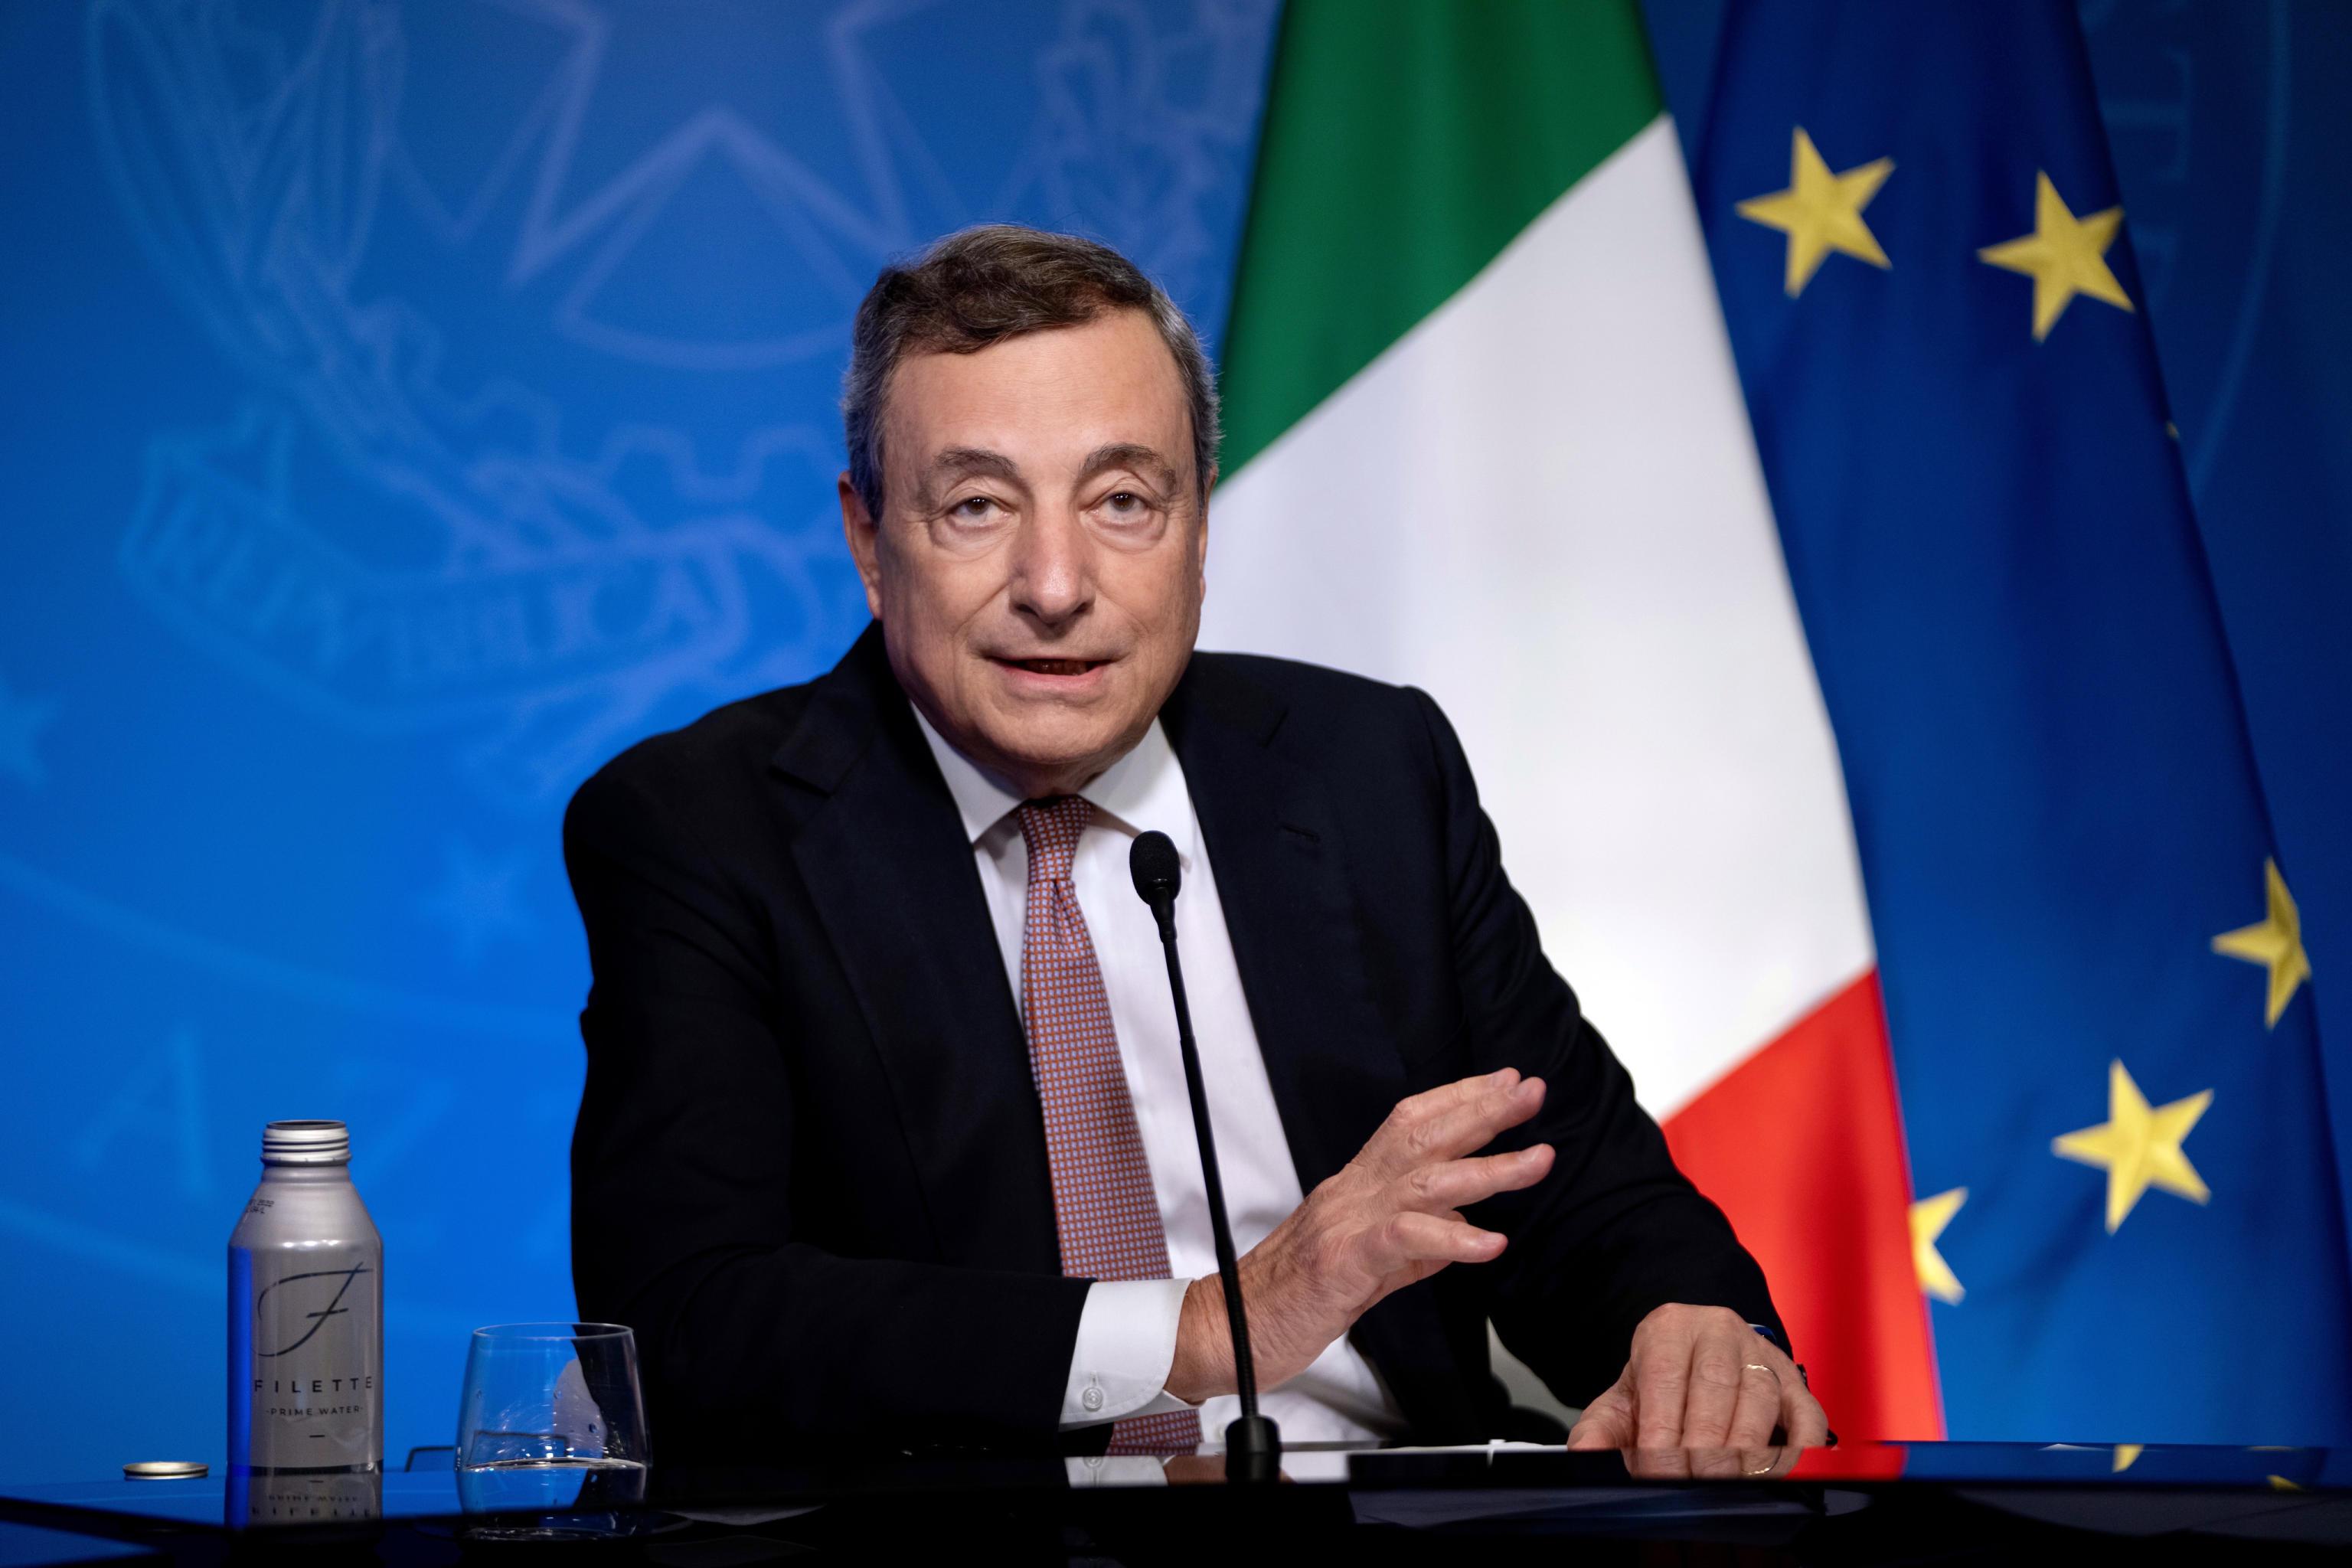 Vaccini, Draghi: «L'Italia donerà 45 milioni di dosi ai Paesi più poveri entro la fine dell'anno» – Il video